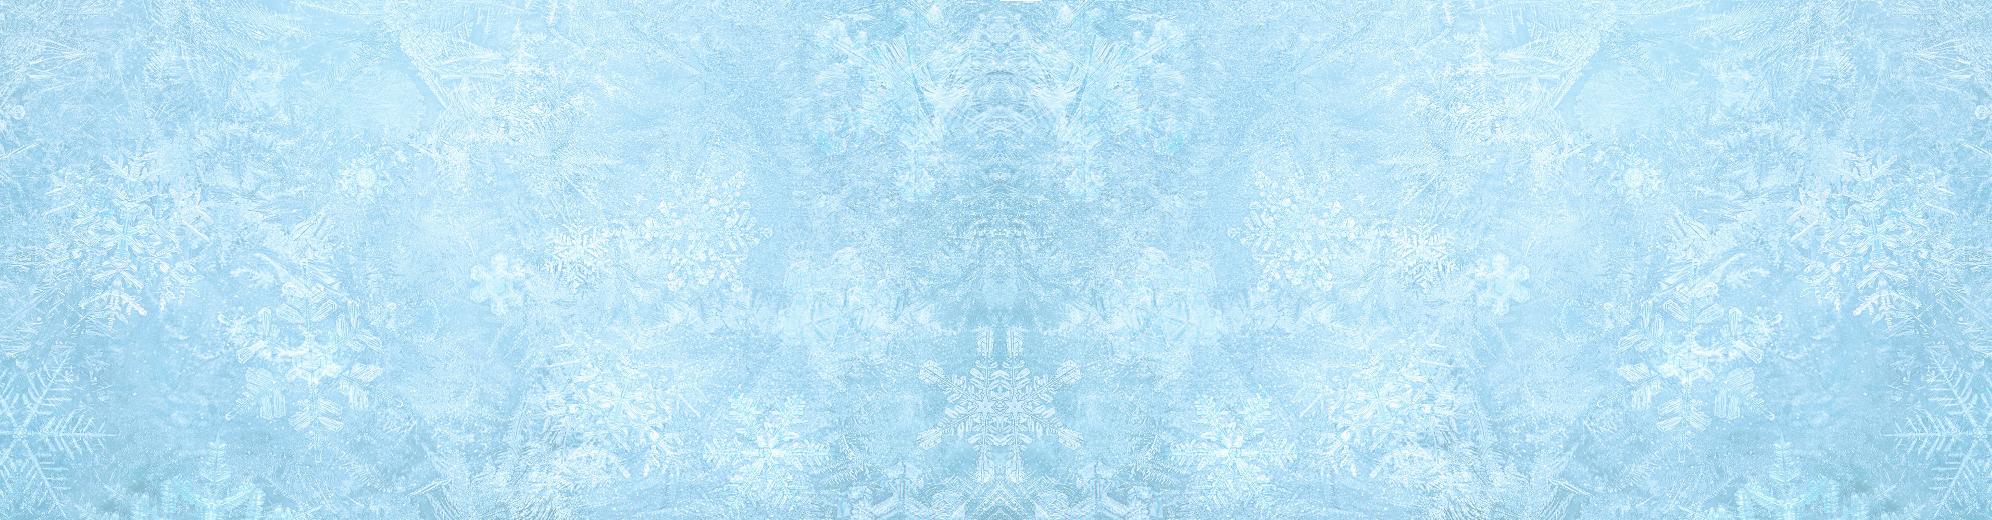 Emea_fro_hbg_gbl_frozen_regno_di_ghiaccio_background_1920x1000.png